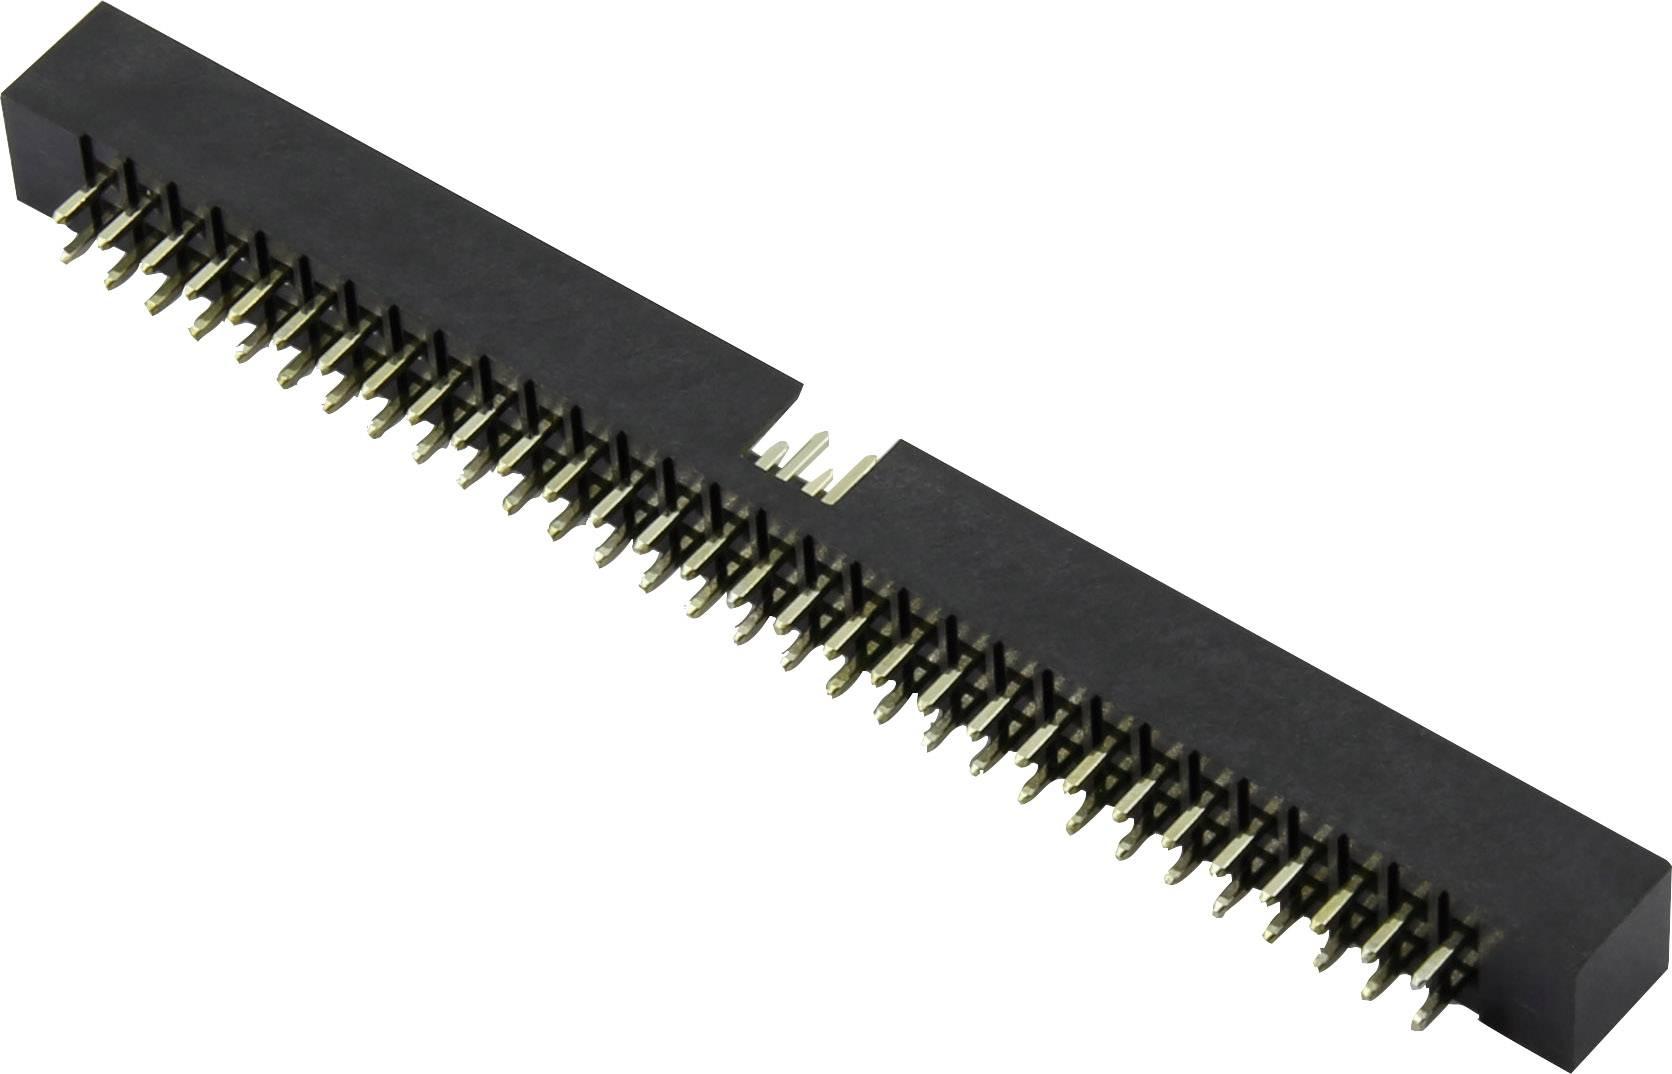 Konektor pro ploché kabely Connfly DS1014-10RF1B, rastr (rozteč): 2 mm, počet pólů: 10, 1 ks